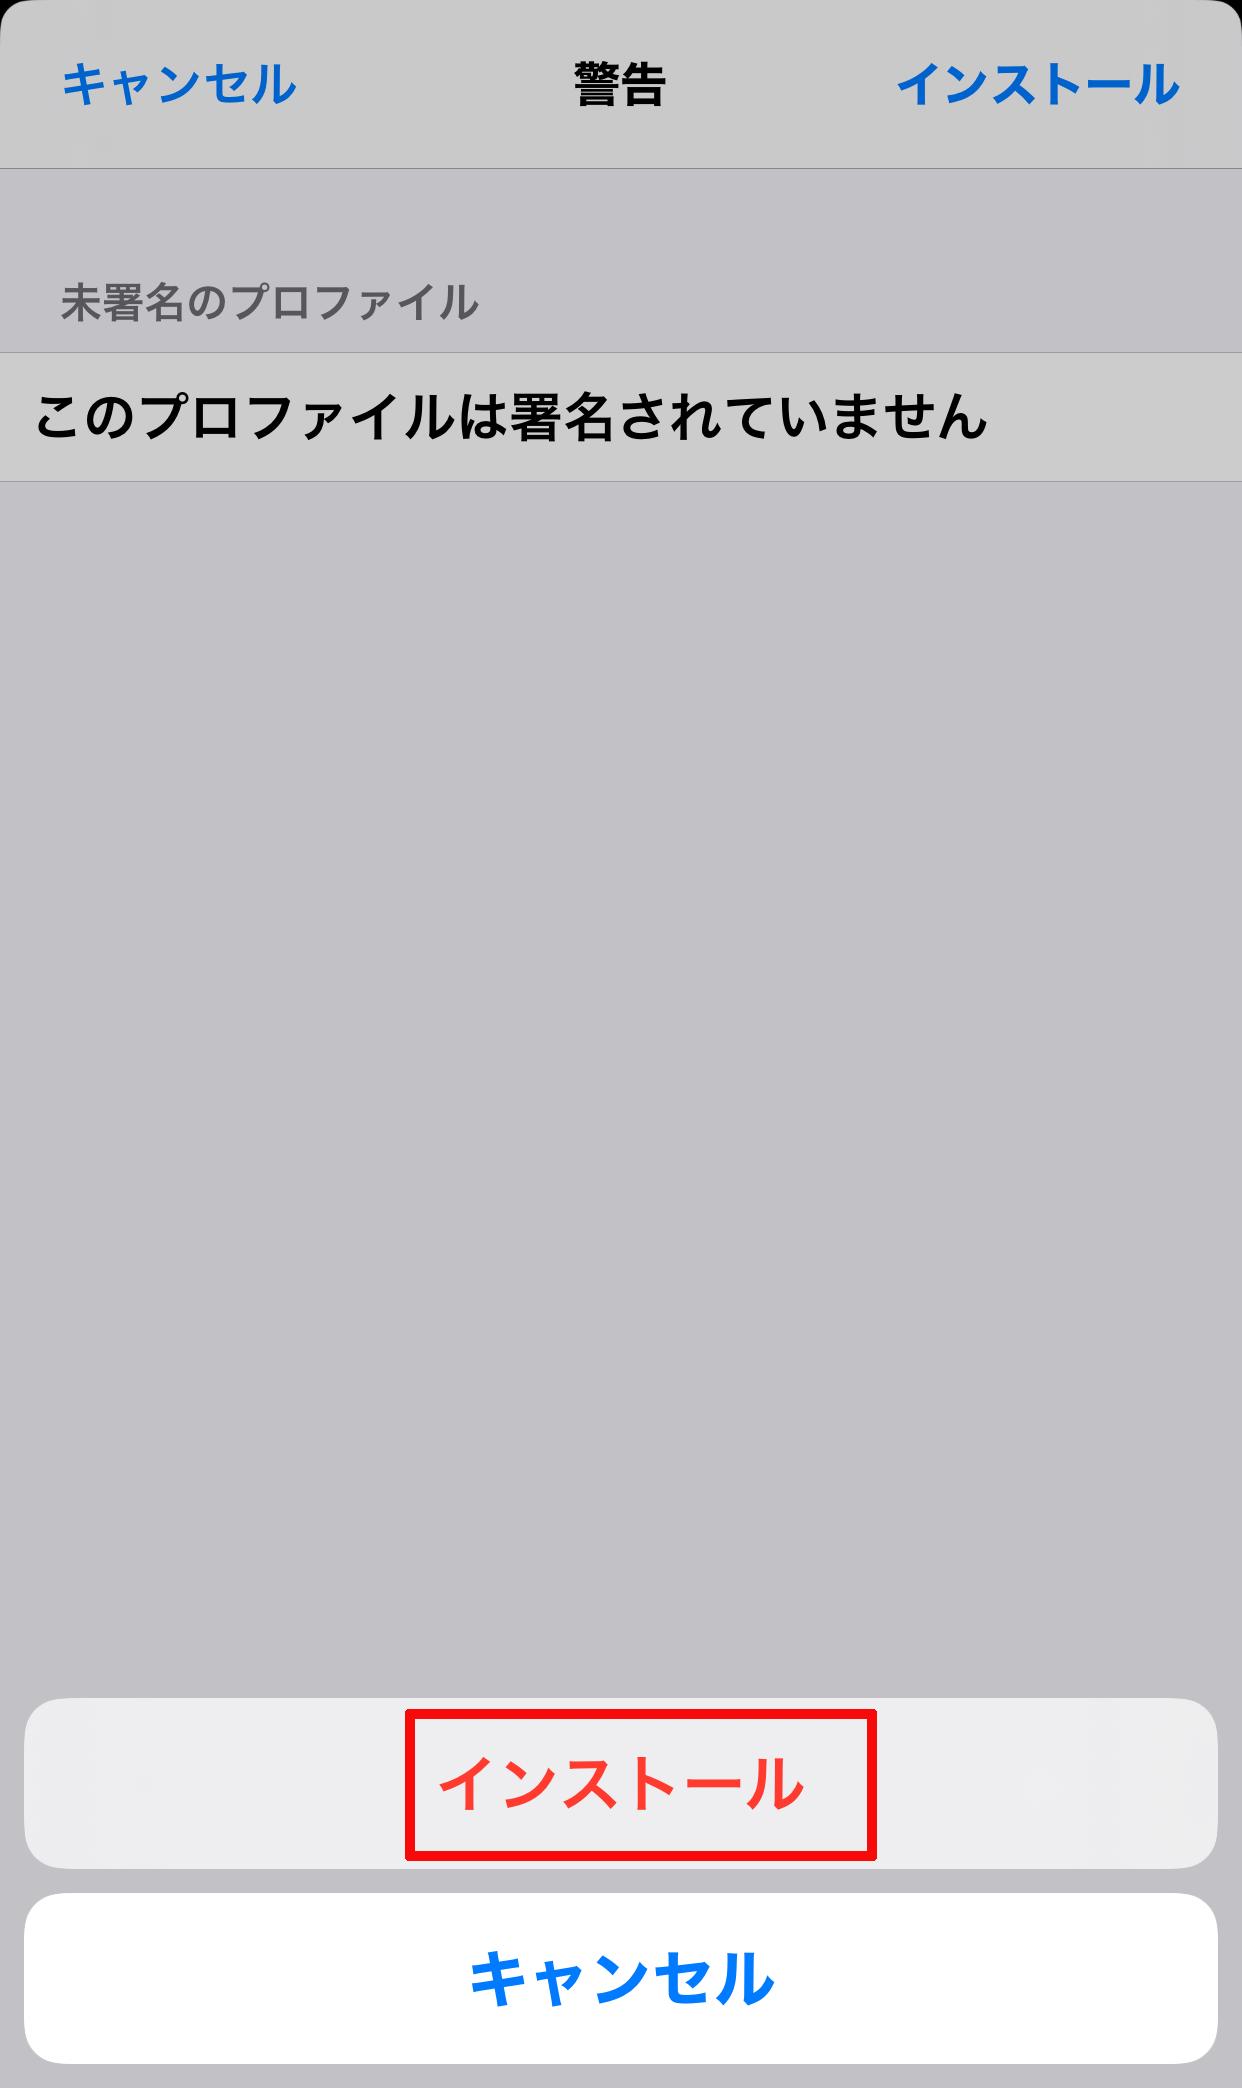 再度インストールするかの確認画面が表示されますので、「インストール」をタップします。